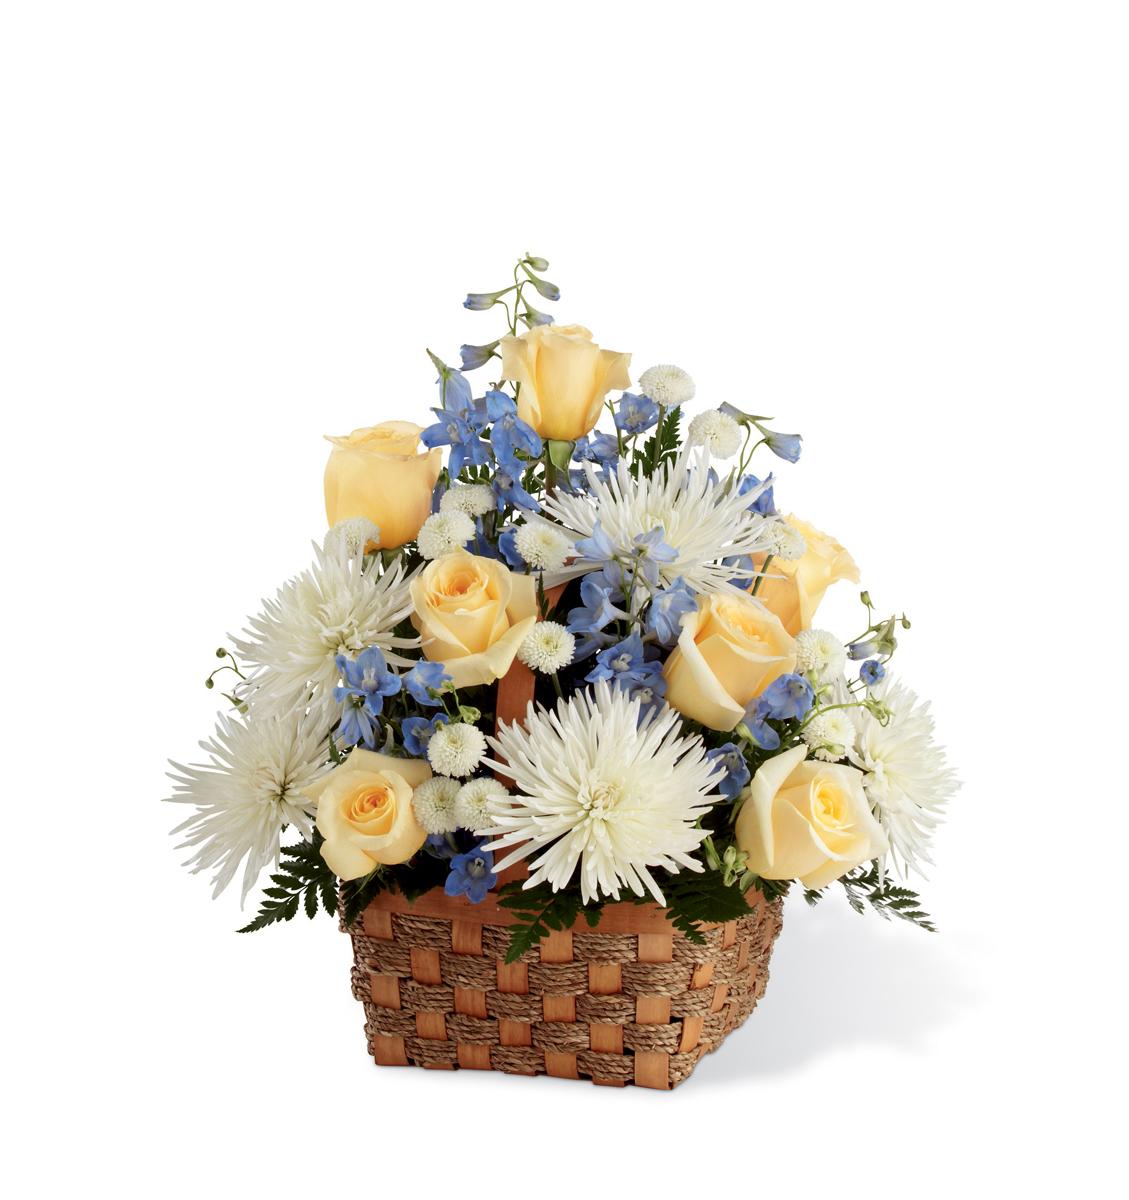 The Ftd Heavenly Scented Basket Altamonte Springs Fl Florist